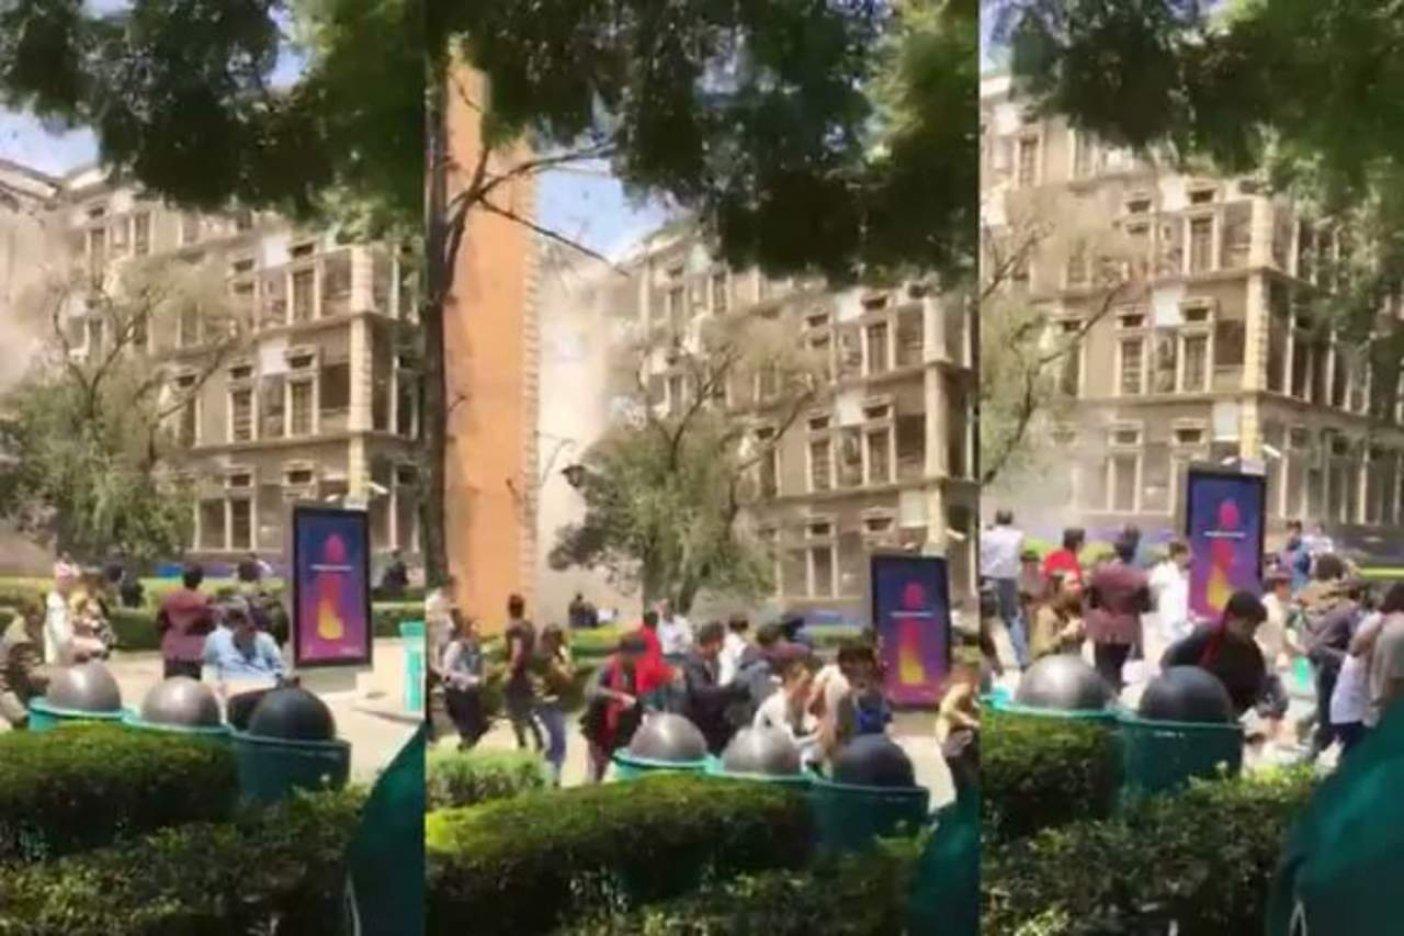 Tec de Monterrey reporta un estudiante muerto y 40 heridos